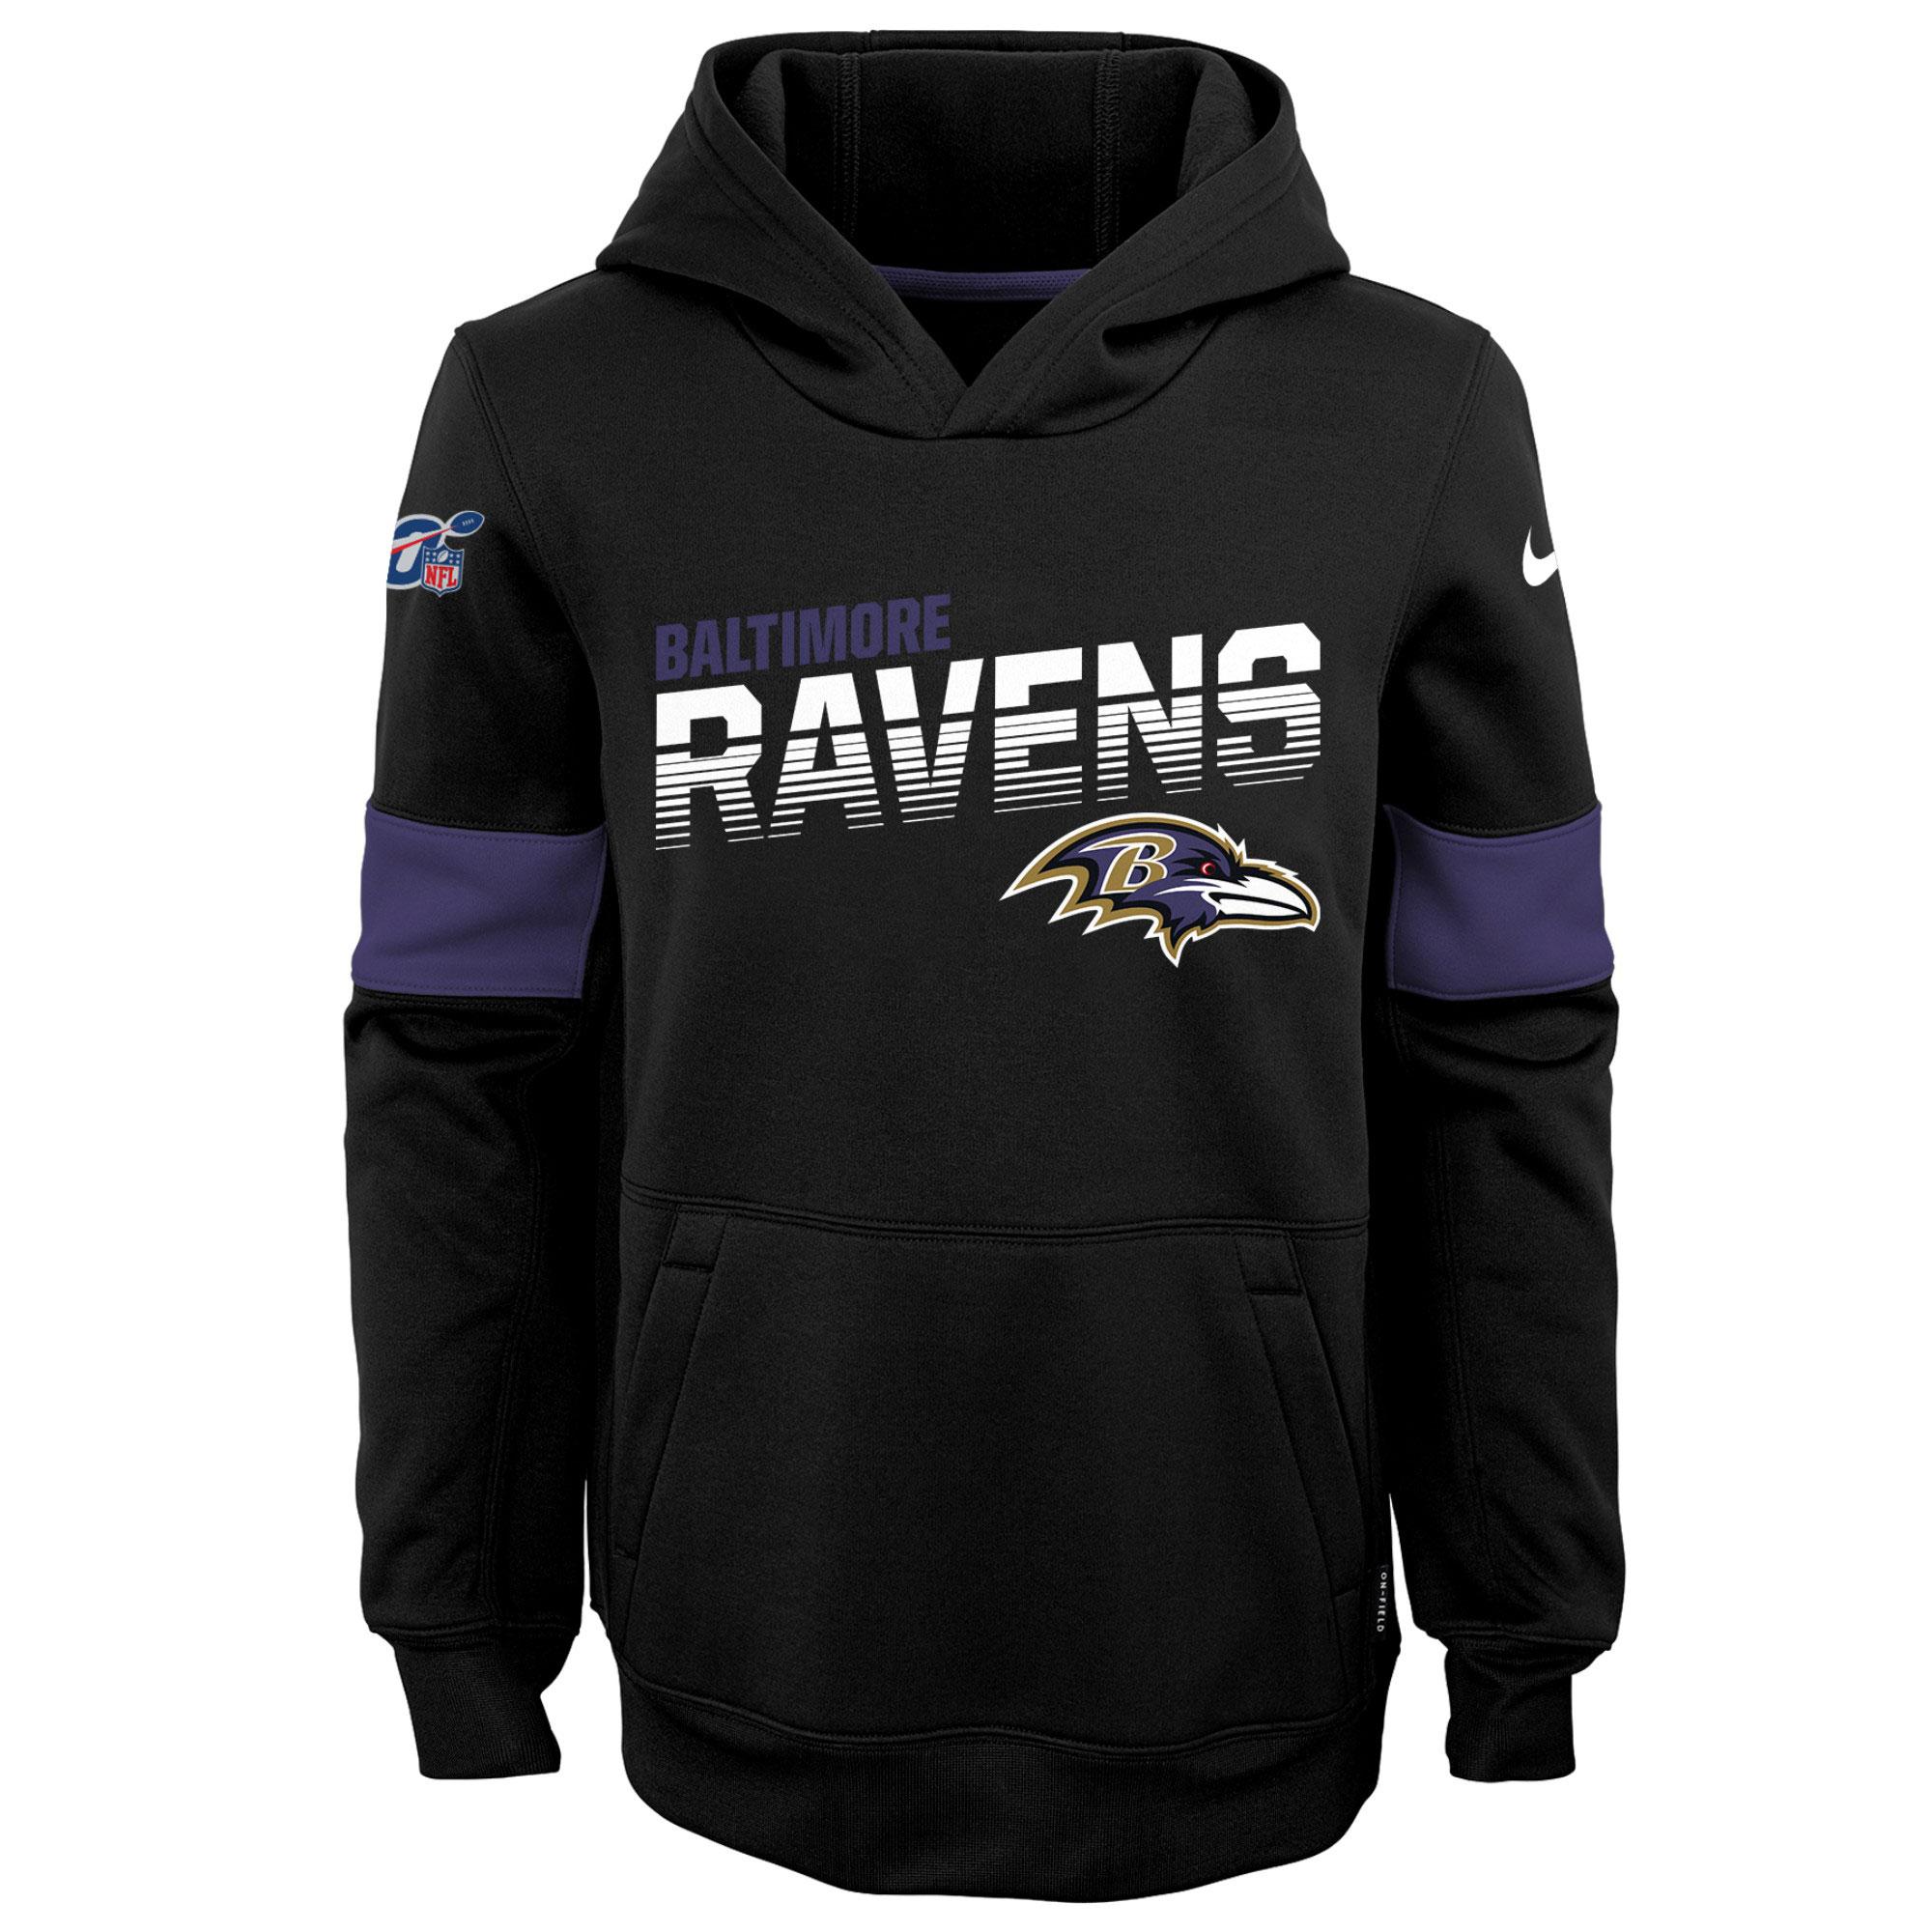 Baltimore Ravens Therma-Kapuzenpullover - Schwarz - Kinder